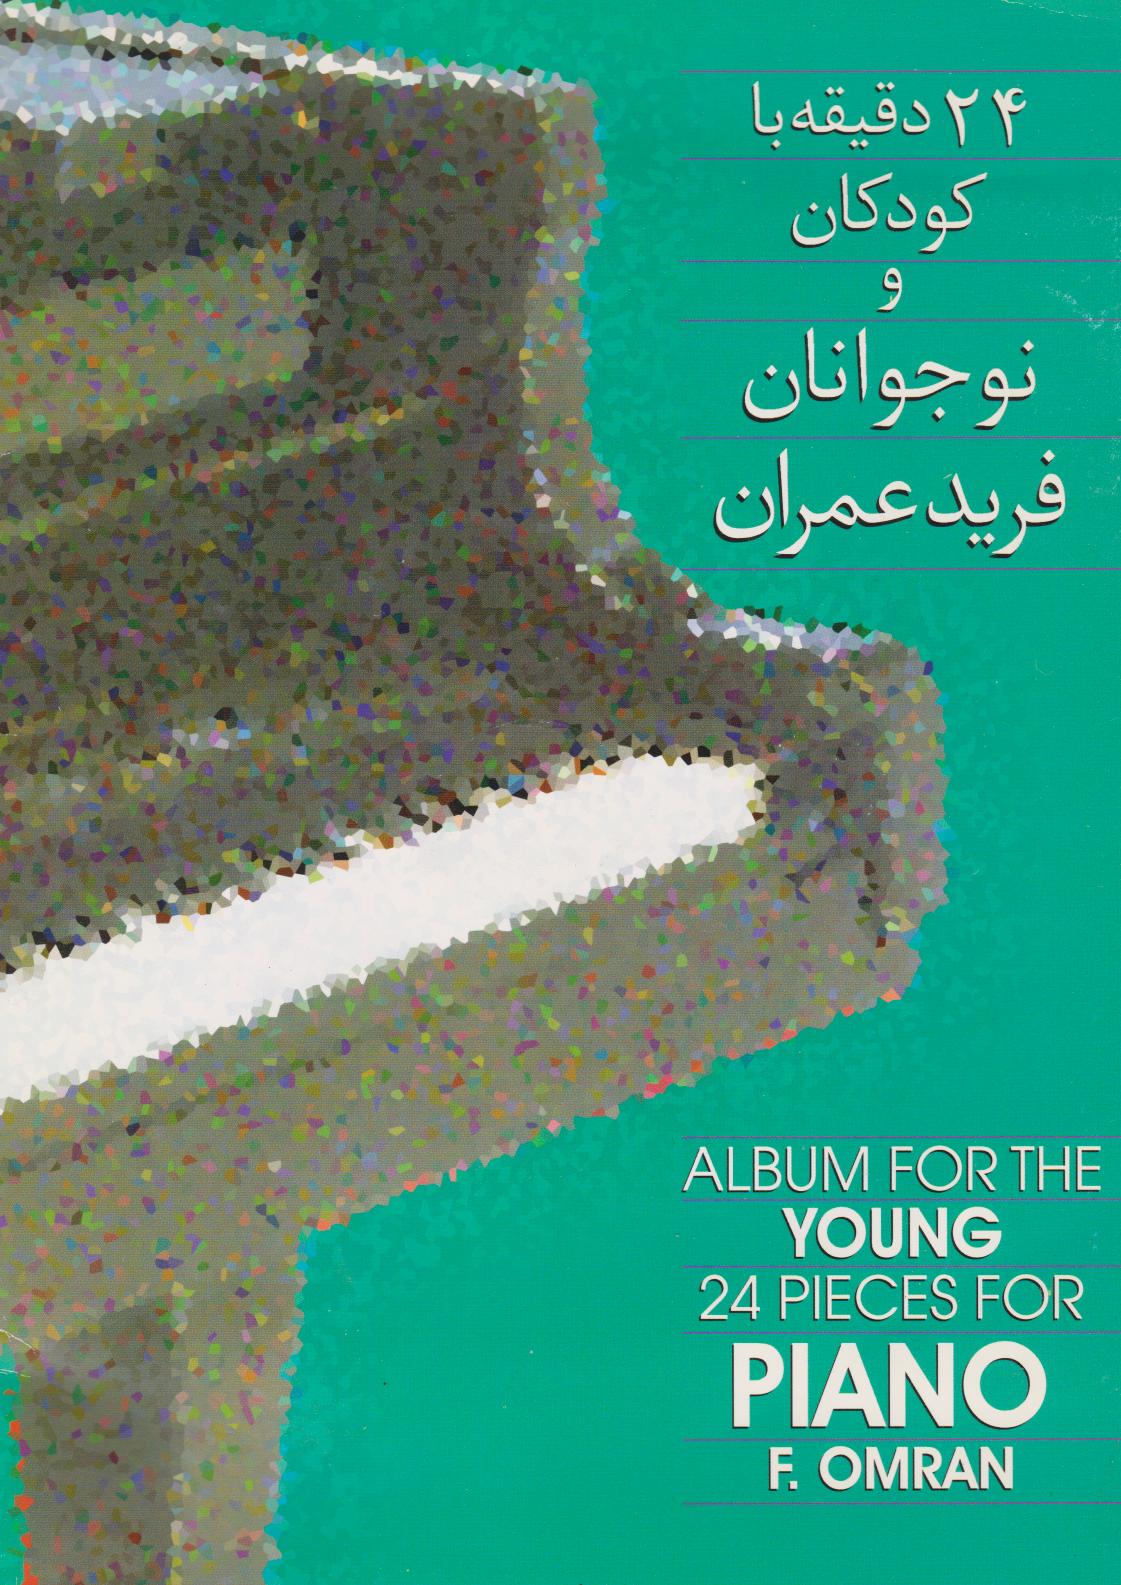 کتاب 24 دقیقه با کودکان و نوجوانان فرید عمران انتشارات ماهور